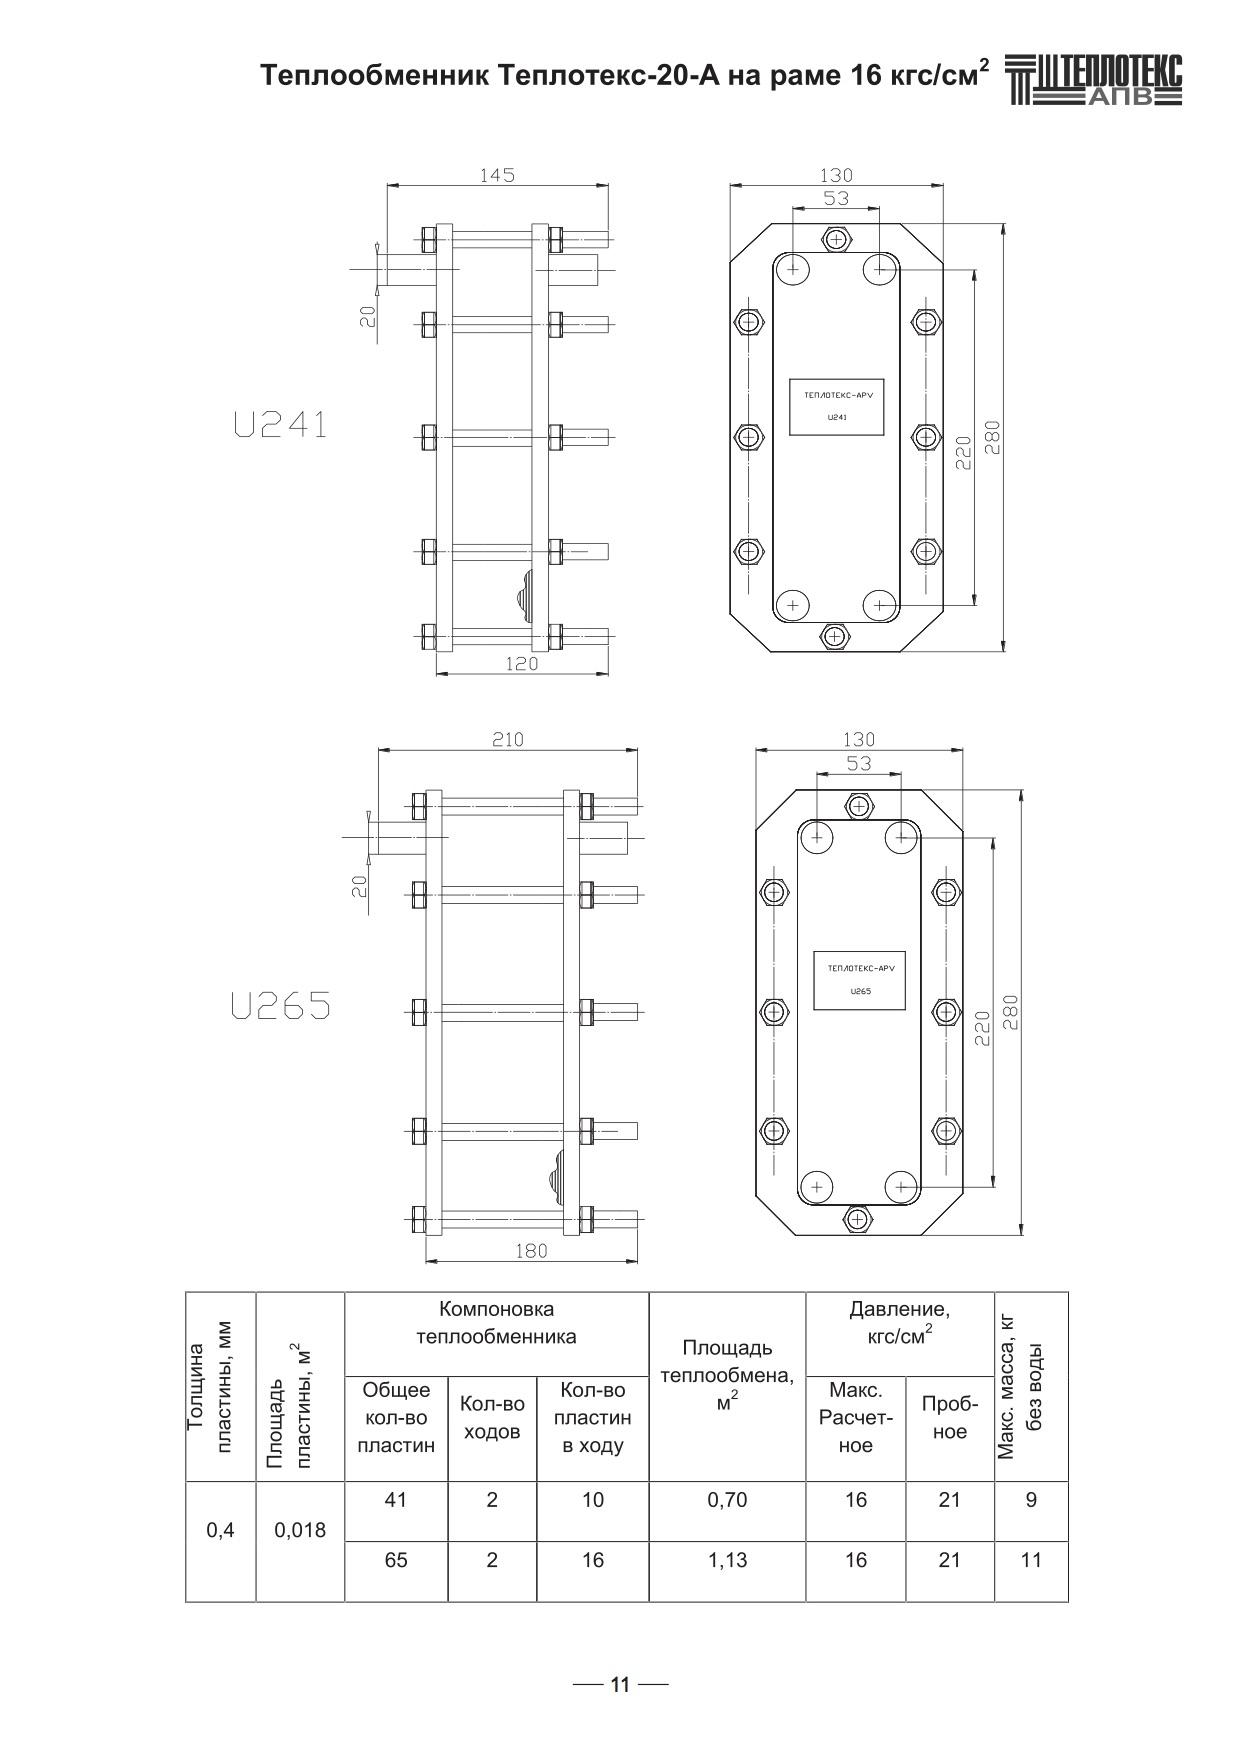 Теплообменник apv каталог как очистить медный теплообменник компрессора от накипи